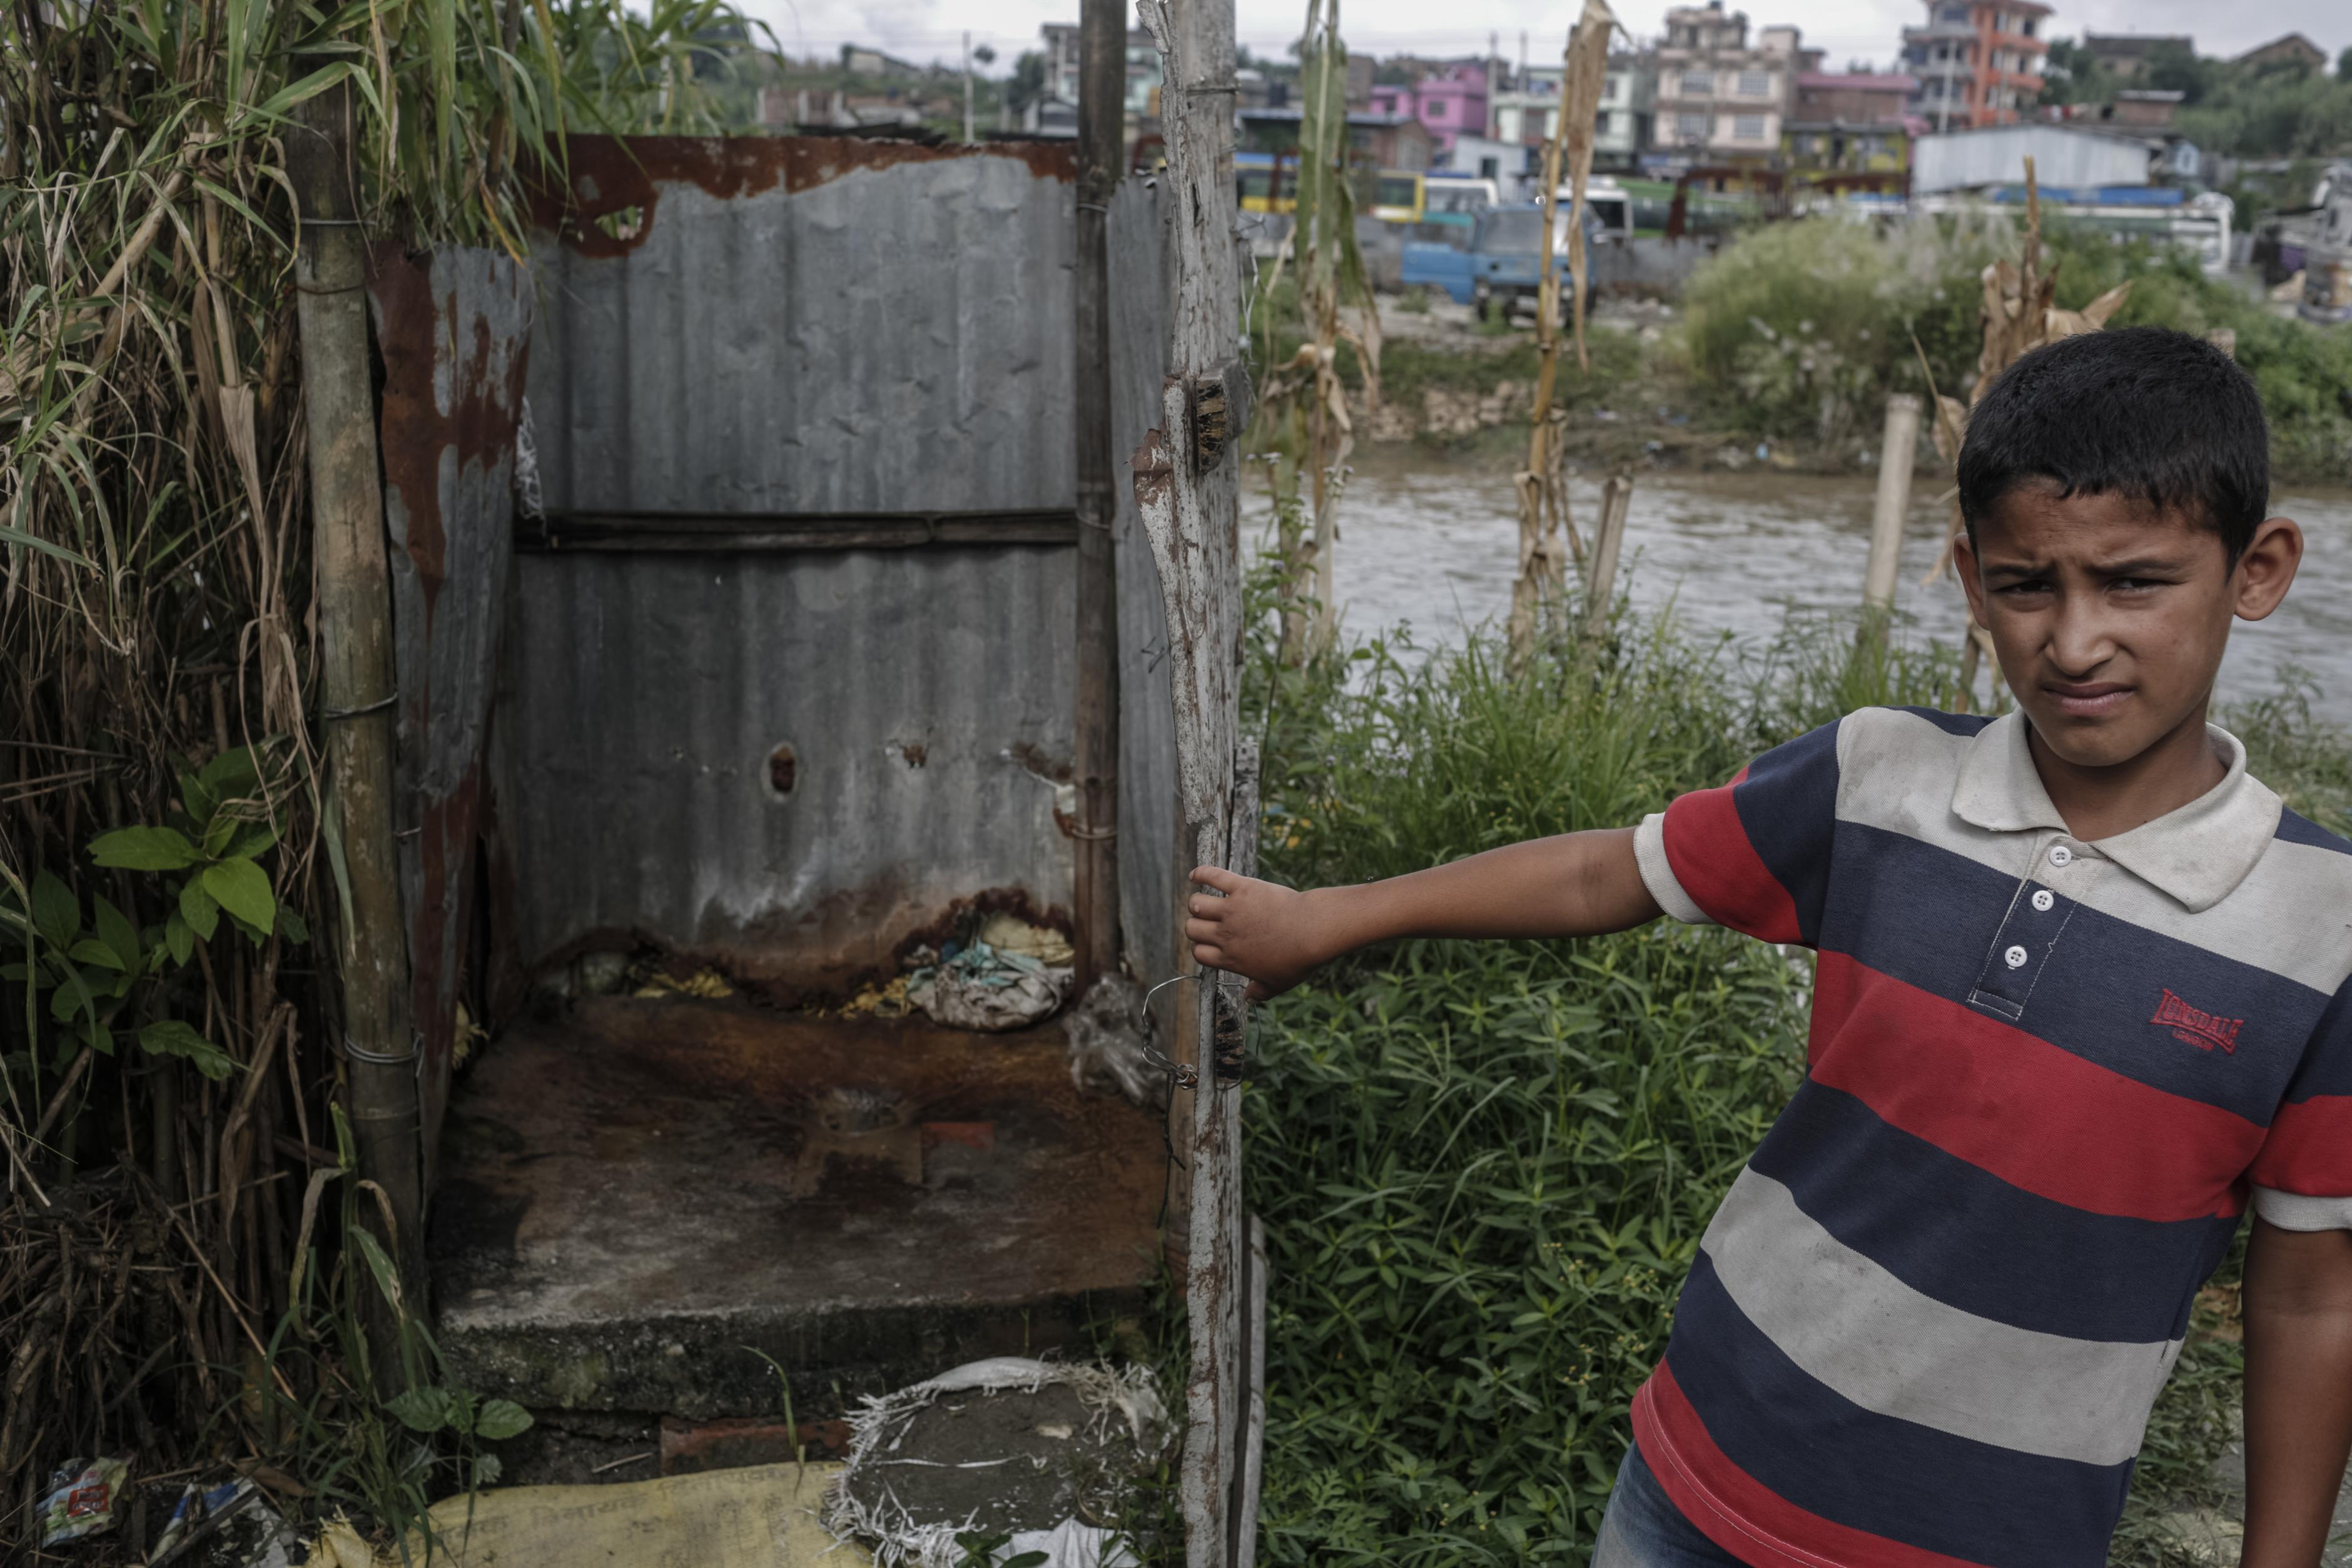 Eine öffentliche Toilette im Vorort Manuhara in Kathmandu